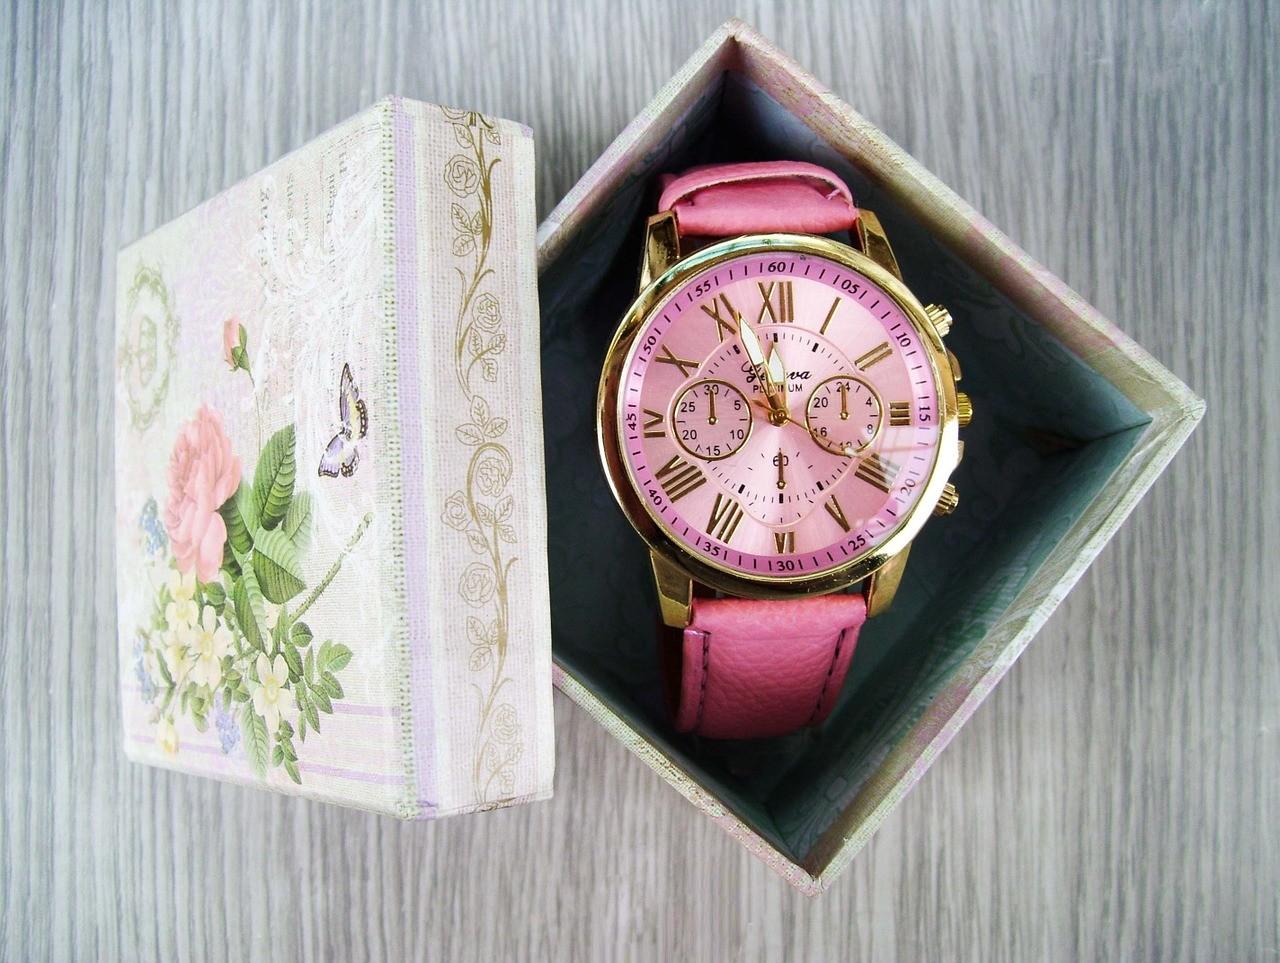 f3e8cdcf6f843e Buty, torebka, rękawiczki czy wreszcie zegarek to elementy, która stanowią  ponadczasowy dodatek do każdej stylizacji. Sprawia to, że są uwzględniane  przez ...